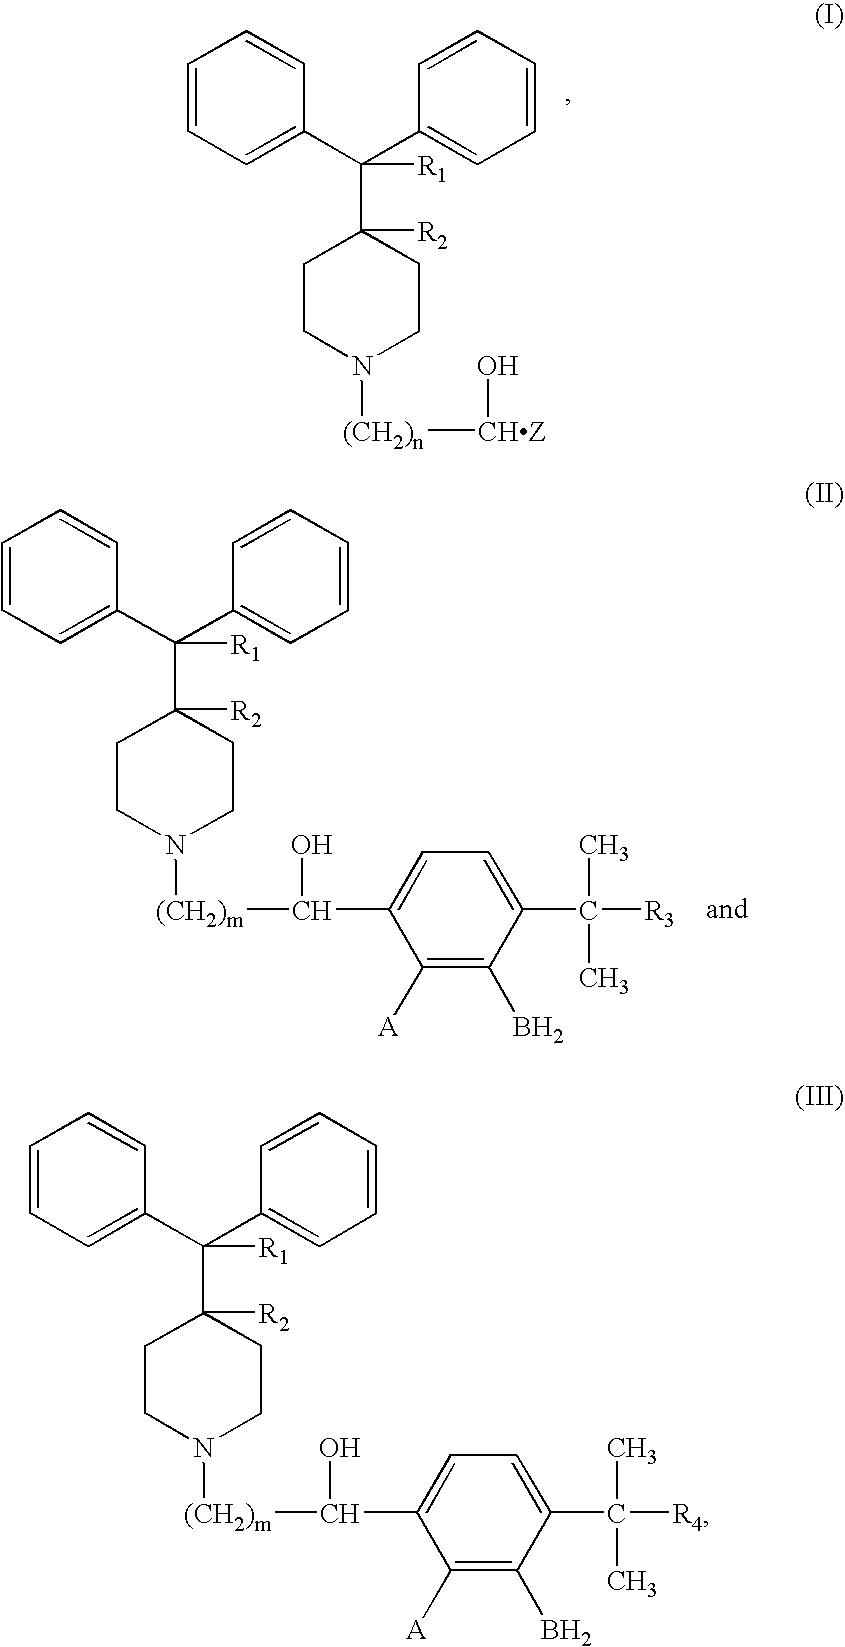 Figure US20050220877A1-20051006-C00004